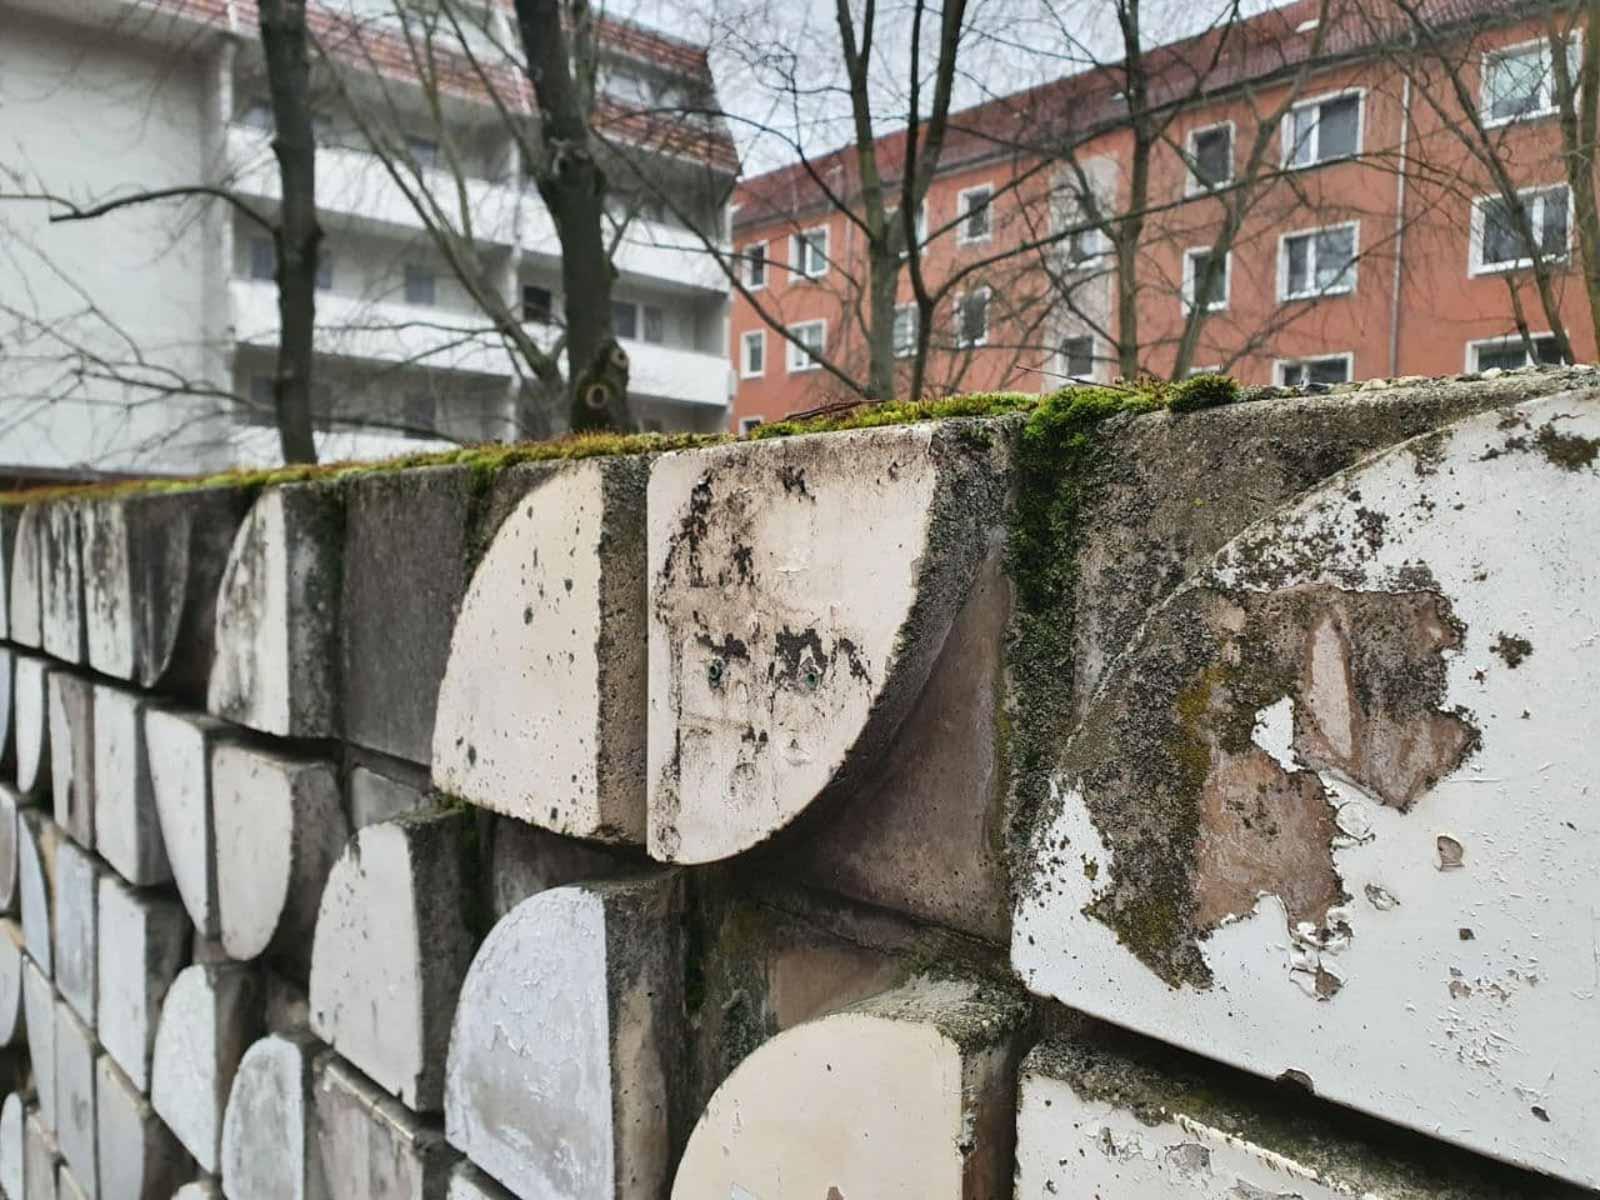 Formsteinwand Große Scharrnstraße Frankfurt Oder